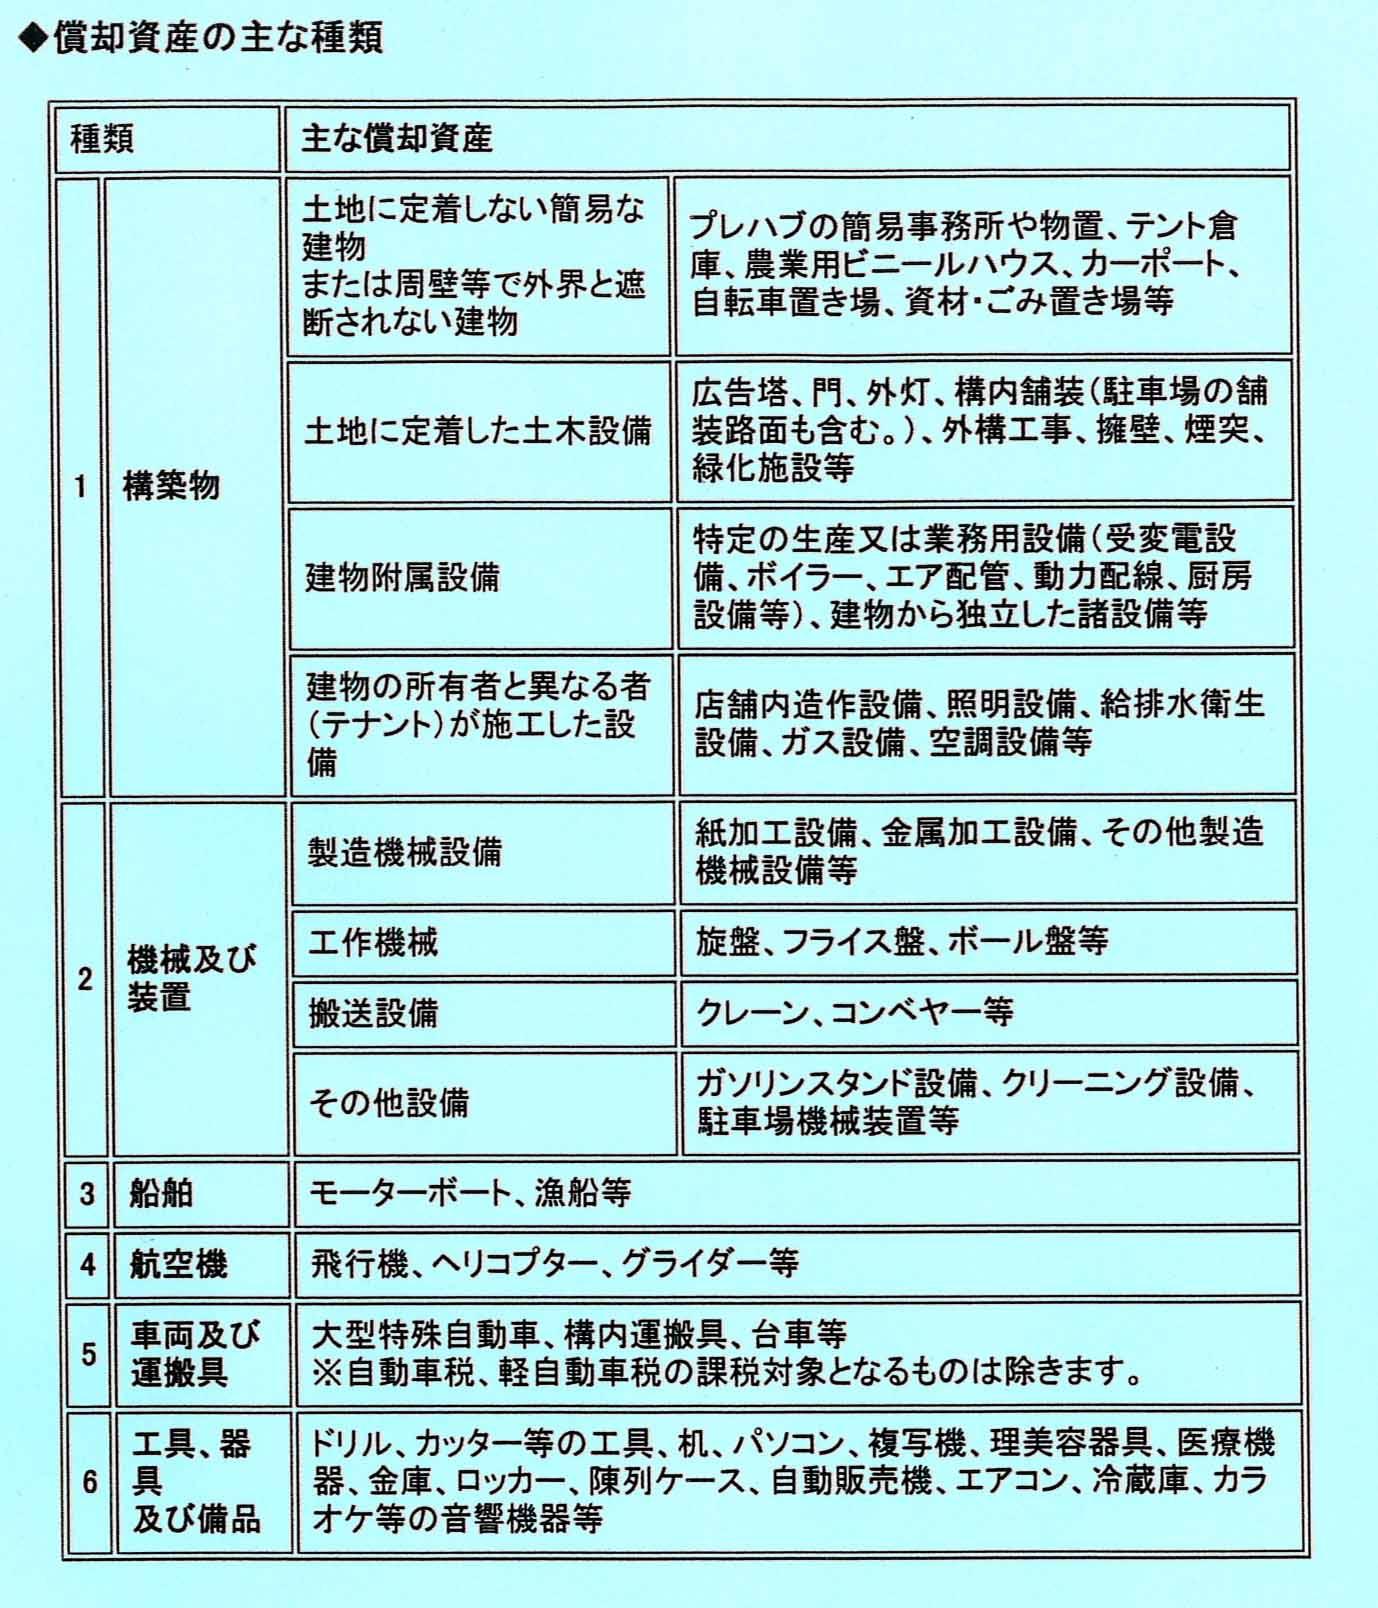 富士市は本当に金持ち?_f0141310_2224221.jpg